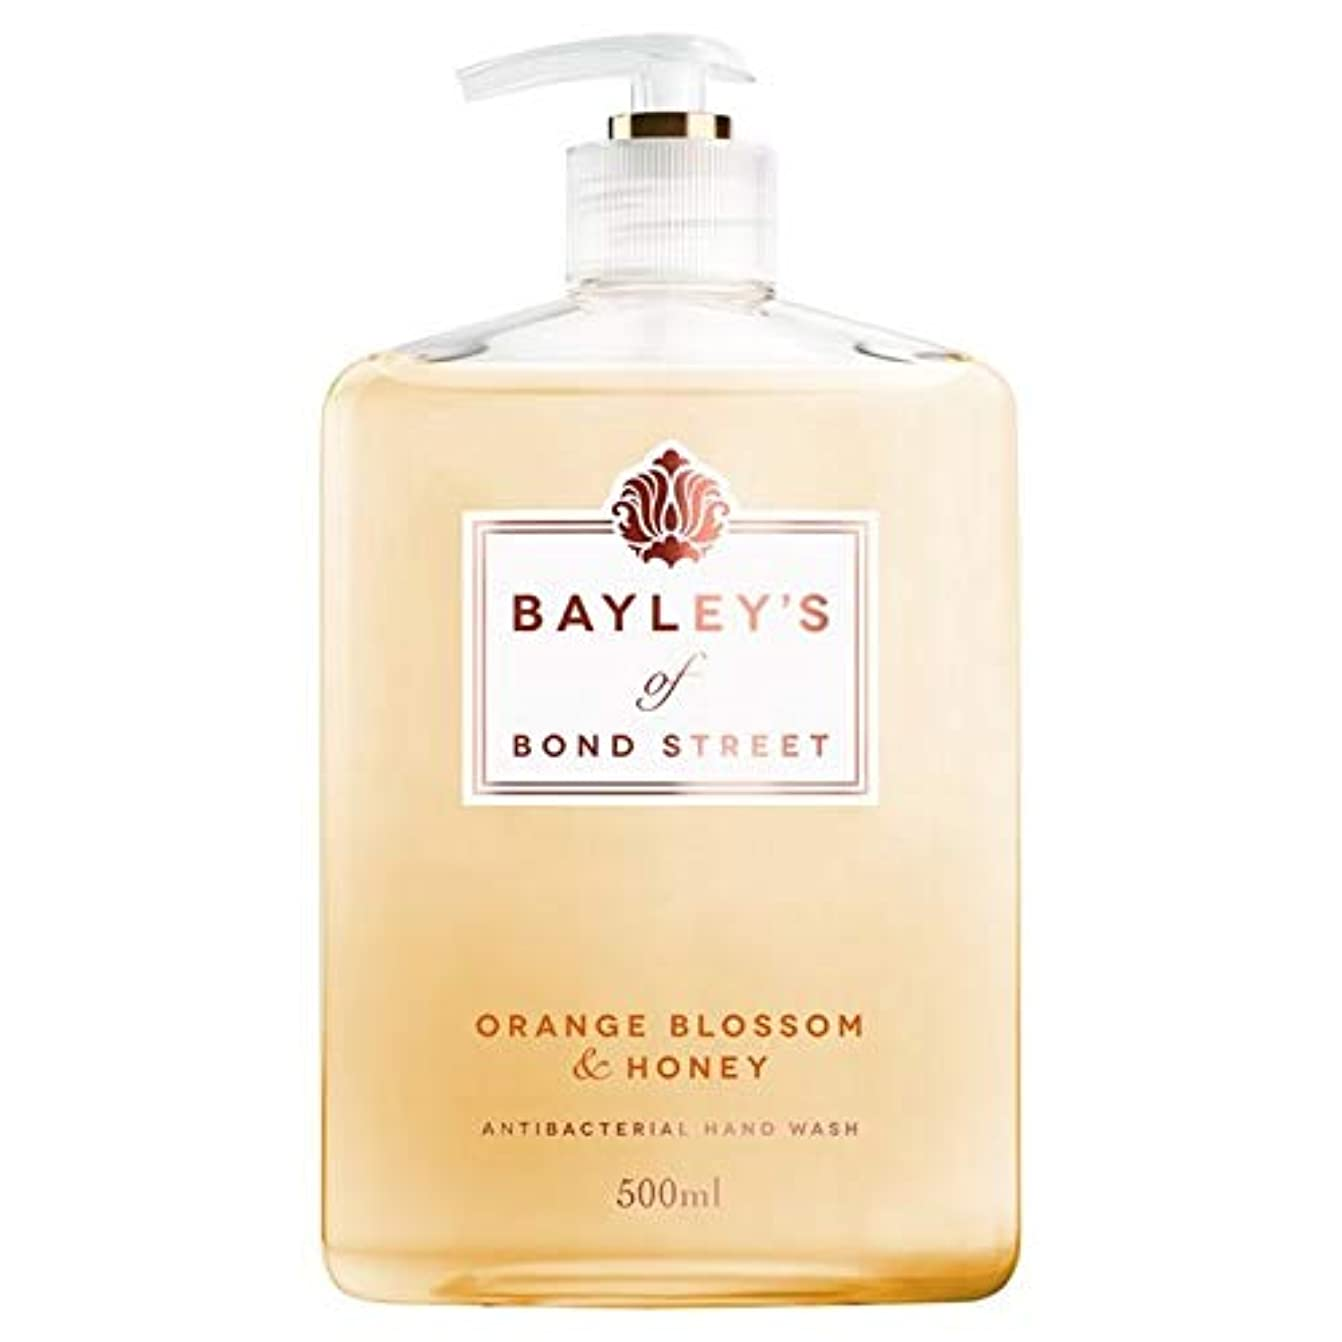 放つ人道的差別的[Bayley's of Bond Street ] ベイリーのボンドストリートオレンジブロッサム&ハニーハンドウォッシュ500ミリリットルの - Bayley's of Bond Street Orange Blossom...